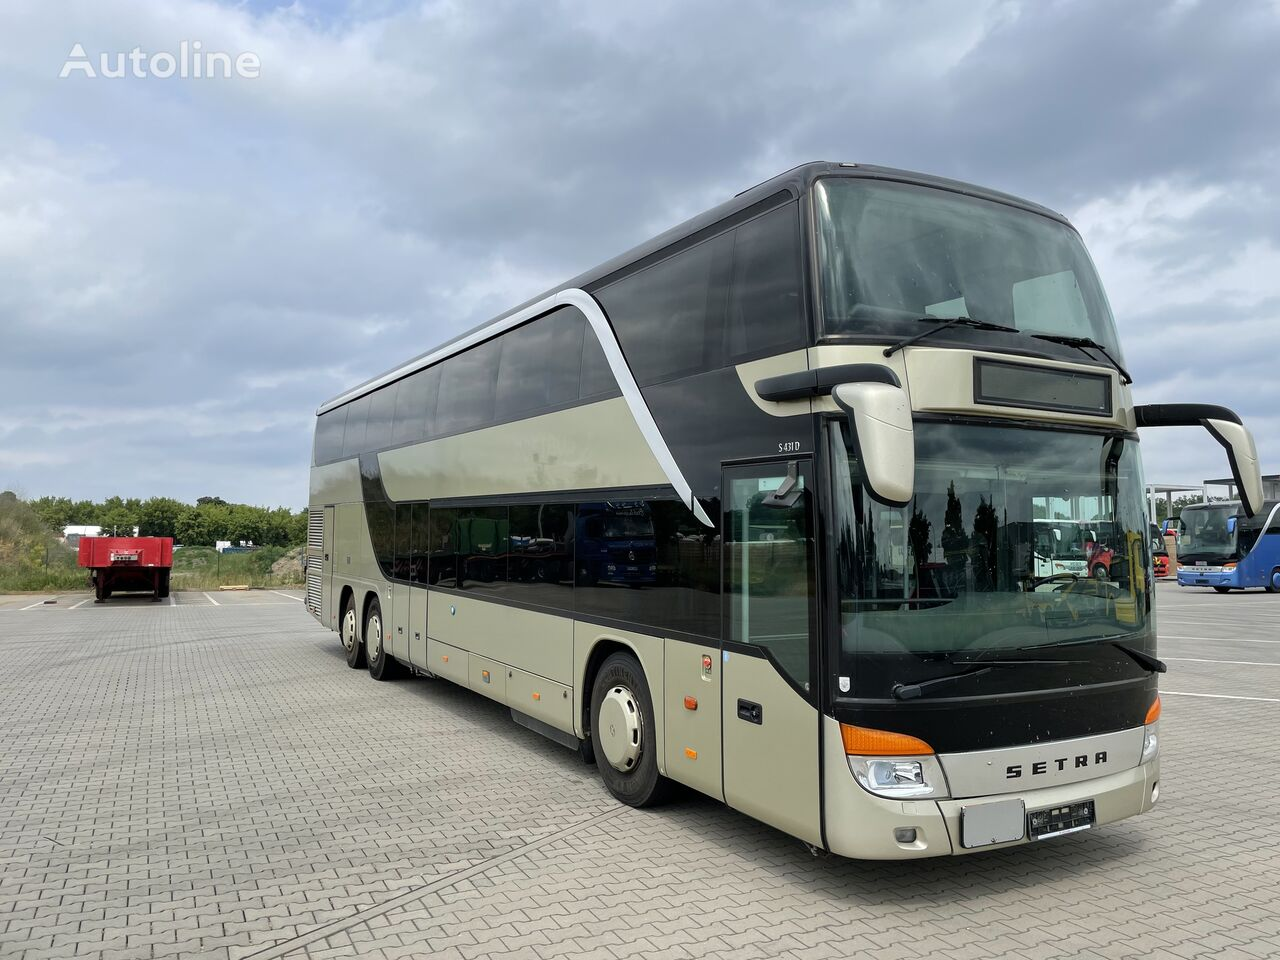 bus à impériale SETRA S 431 DT -EURO-5-Km.orig.651119 !!!